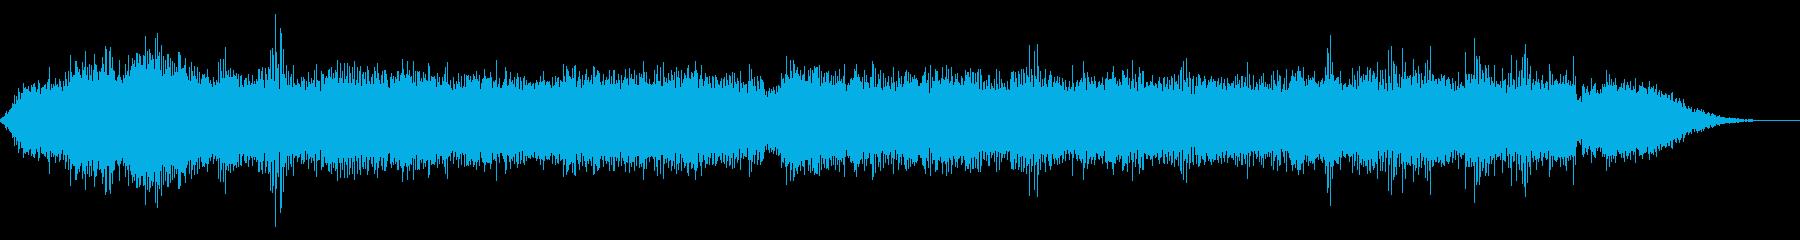 電動ジグソー:高音域での安定したモ...の再生済みの波形